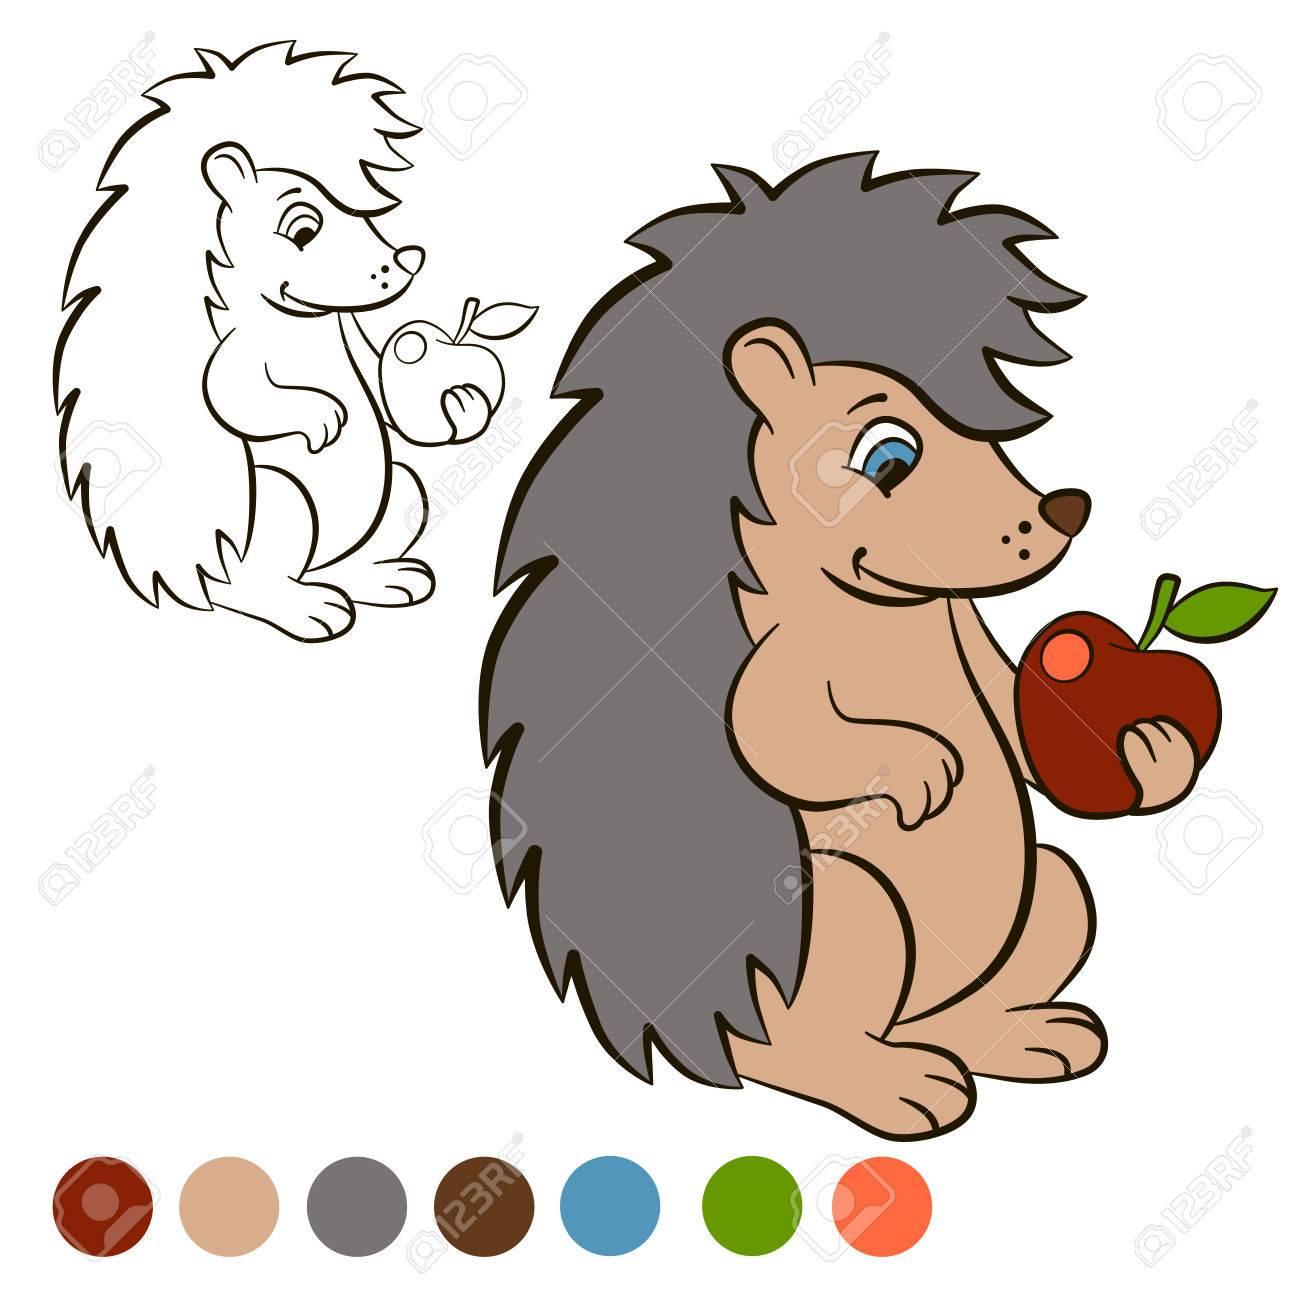 Malvorlage. Color Me: Igel. Kleine Niedliche Igel Steht Und Hält